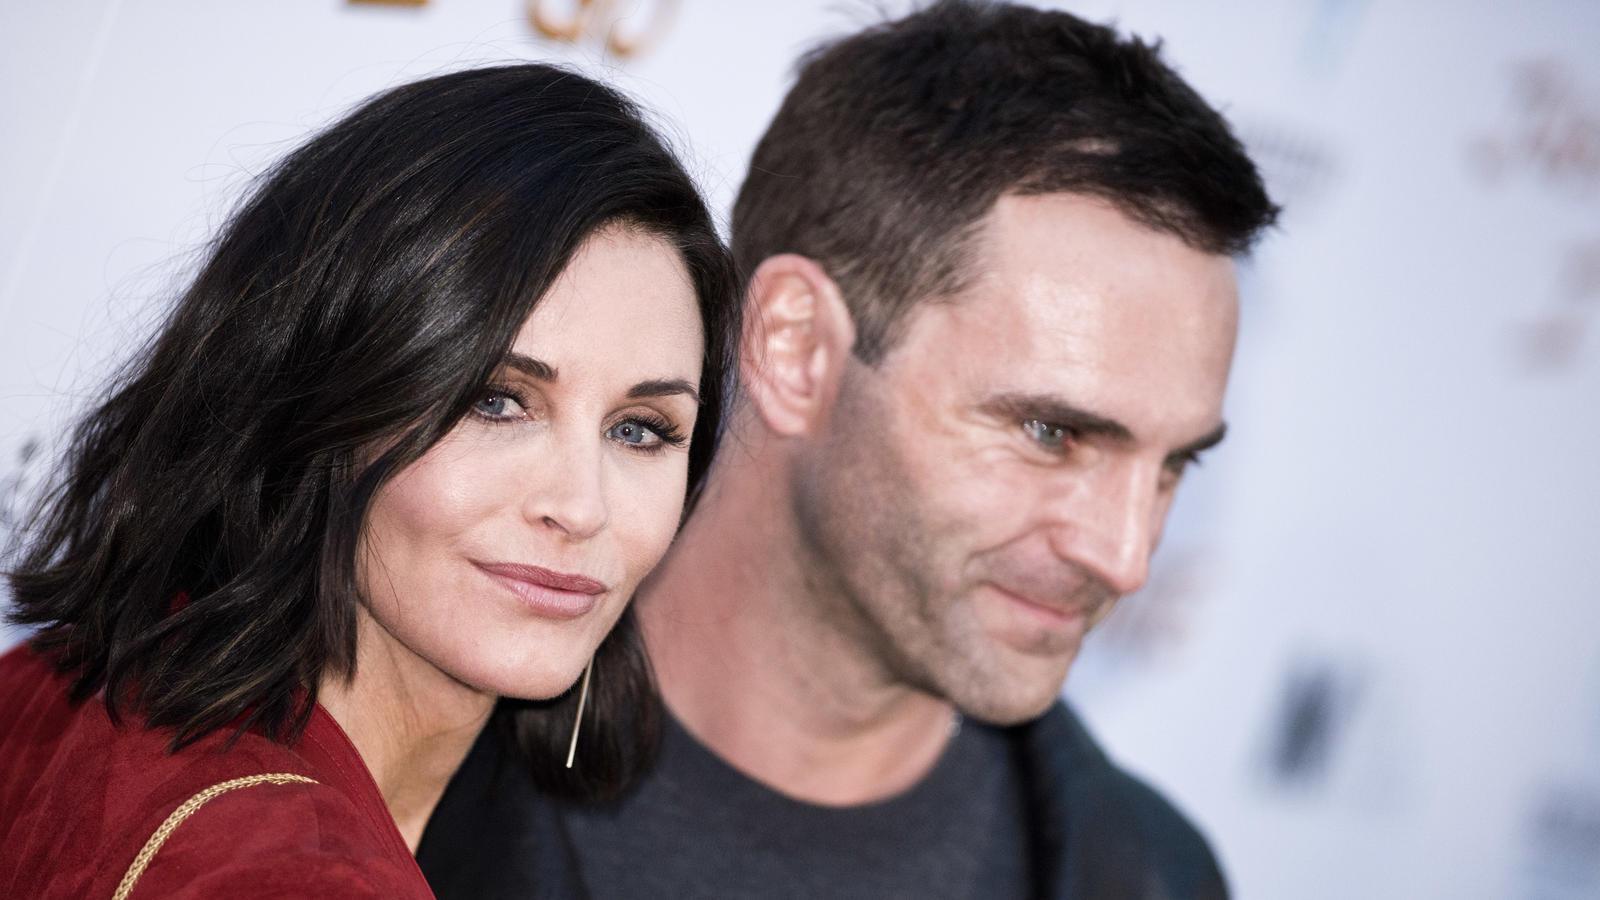 Courteney Cox und ihr Verlobter Johnny McDaid sind wegen den Corona-Einreisebestimmungen seit März 2020 räumlich voneinander getrennt.